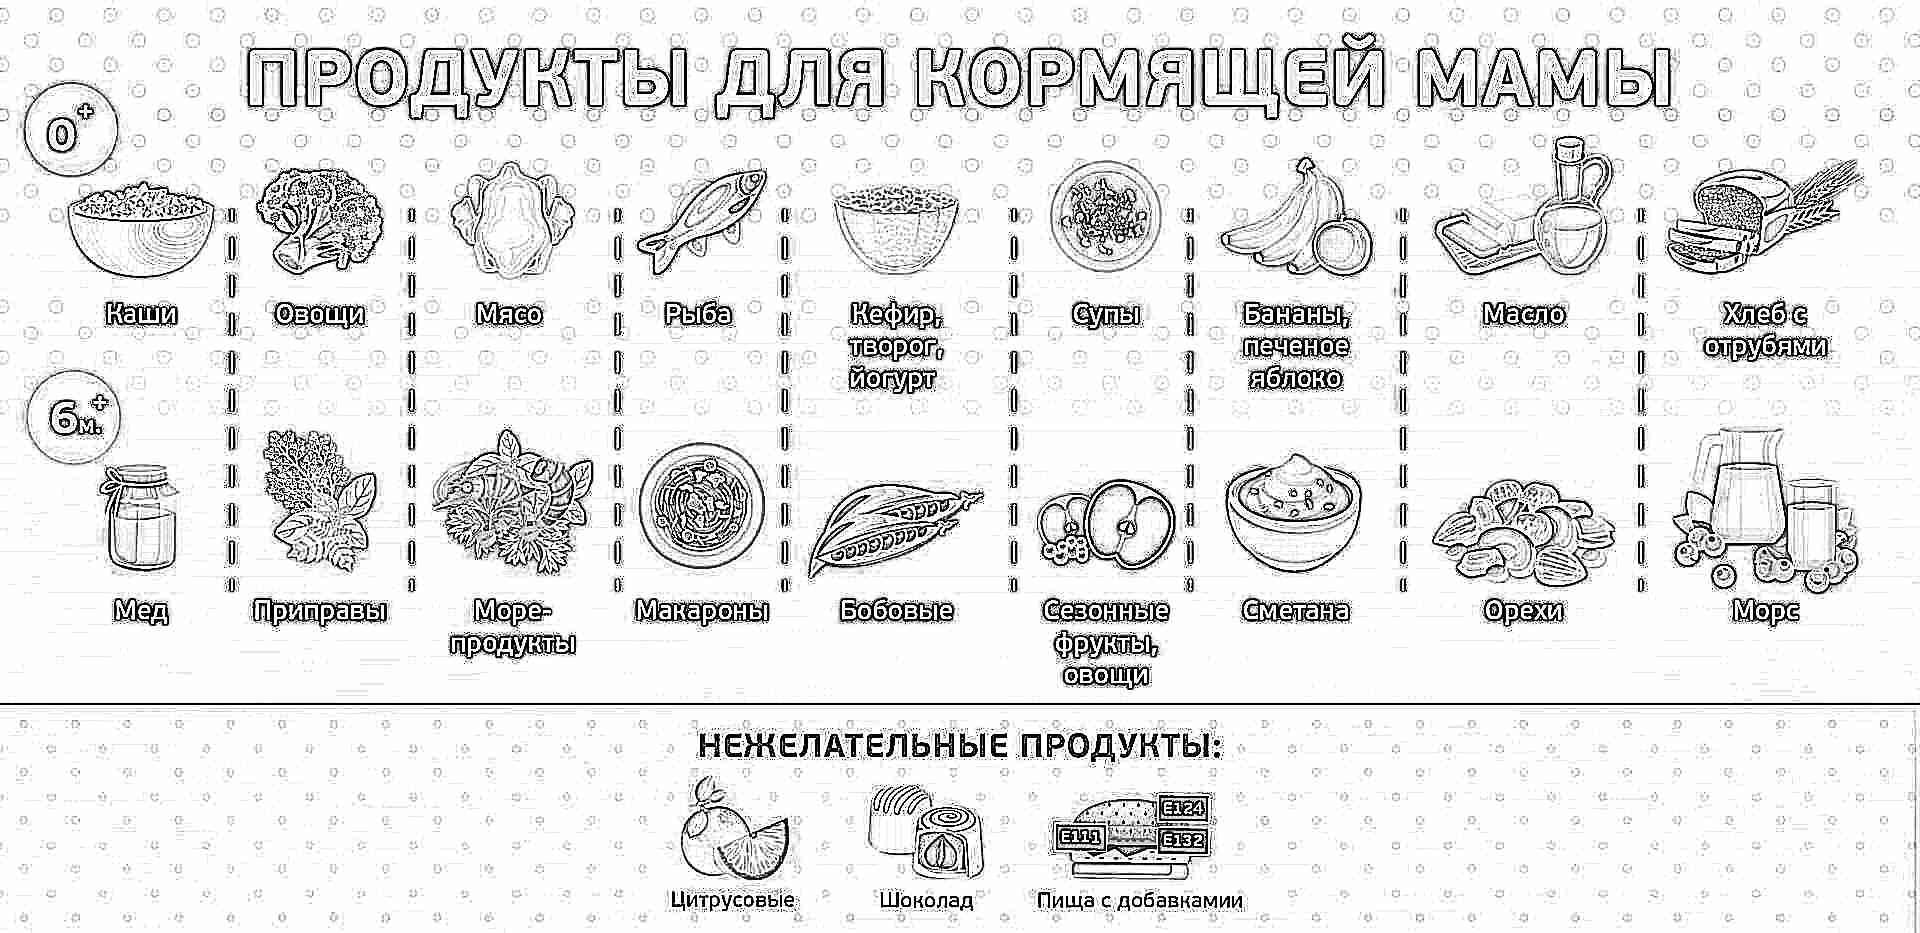 Со второго-третьего месяца — морковь, свеклу, тыкву.